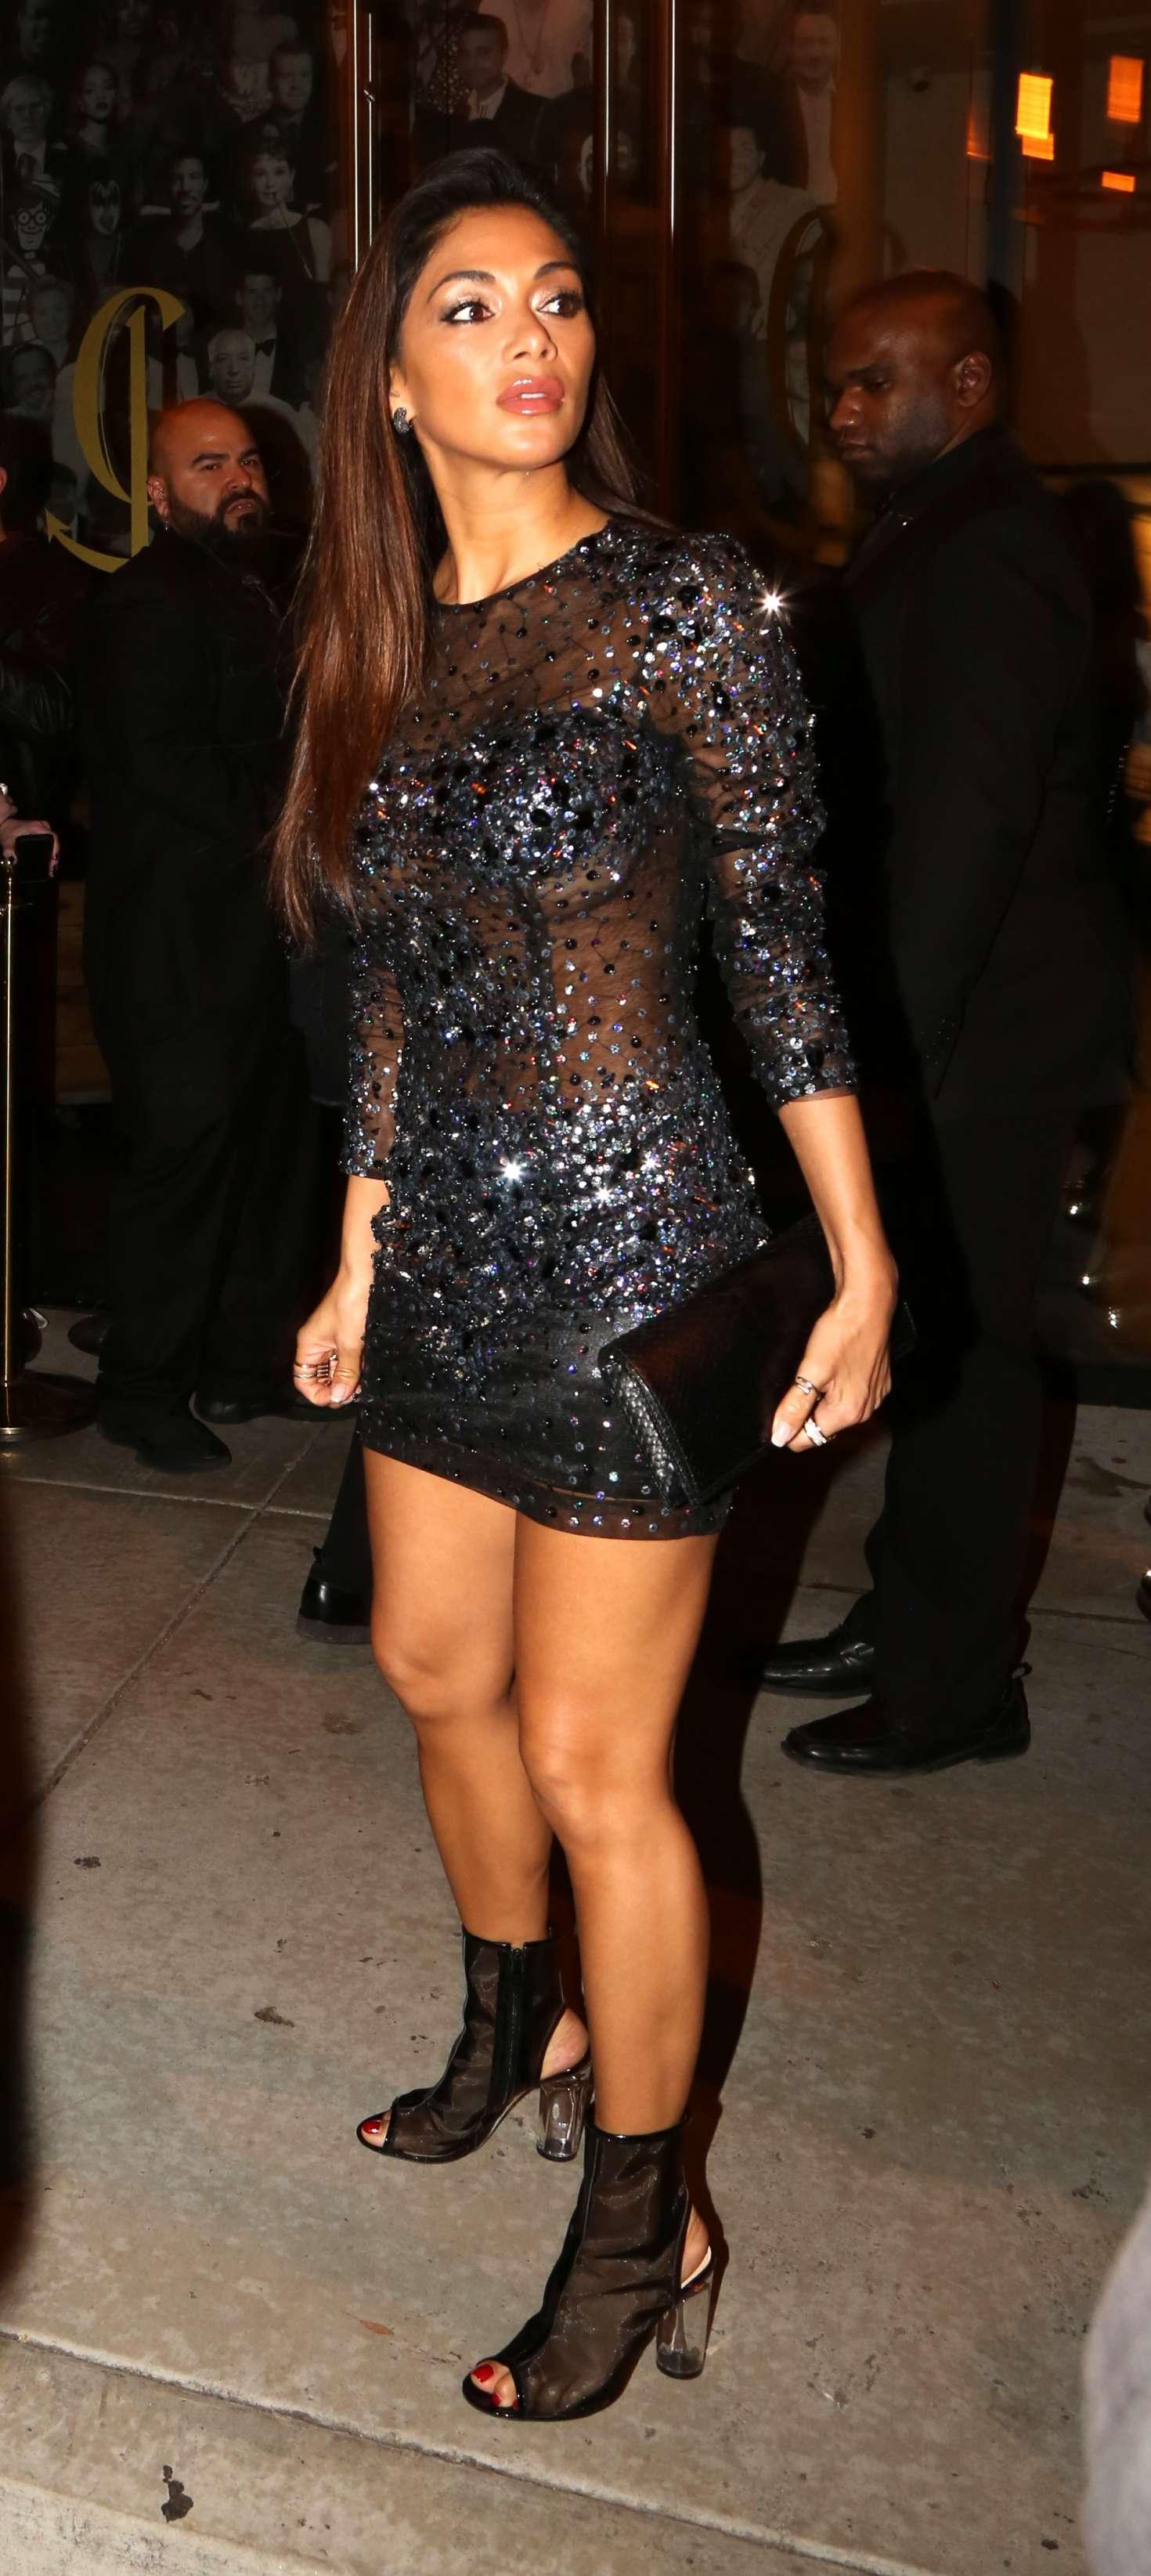 Nicole Scherzinger In Short Dress At Catch In Los Angeles